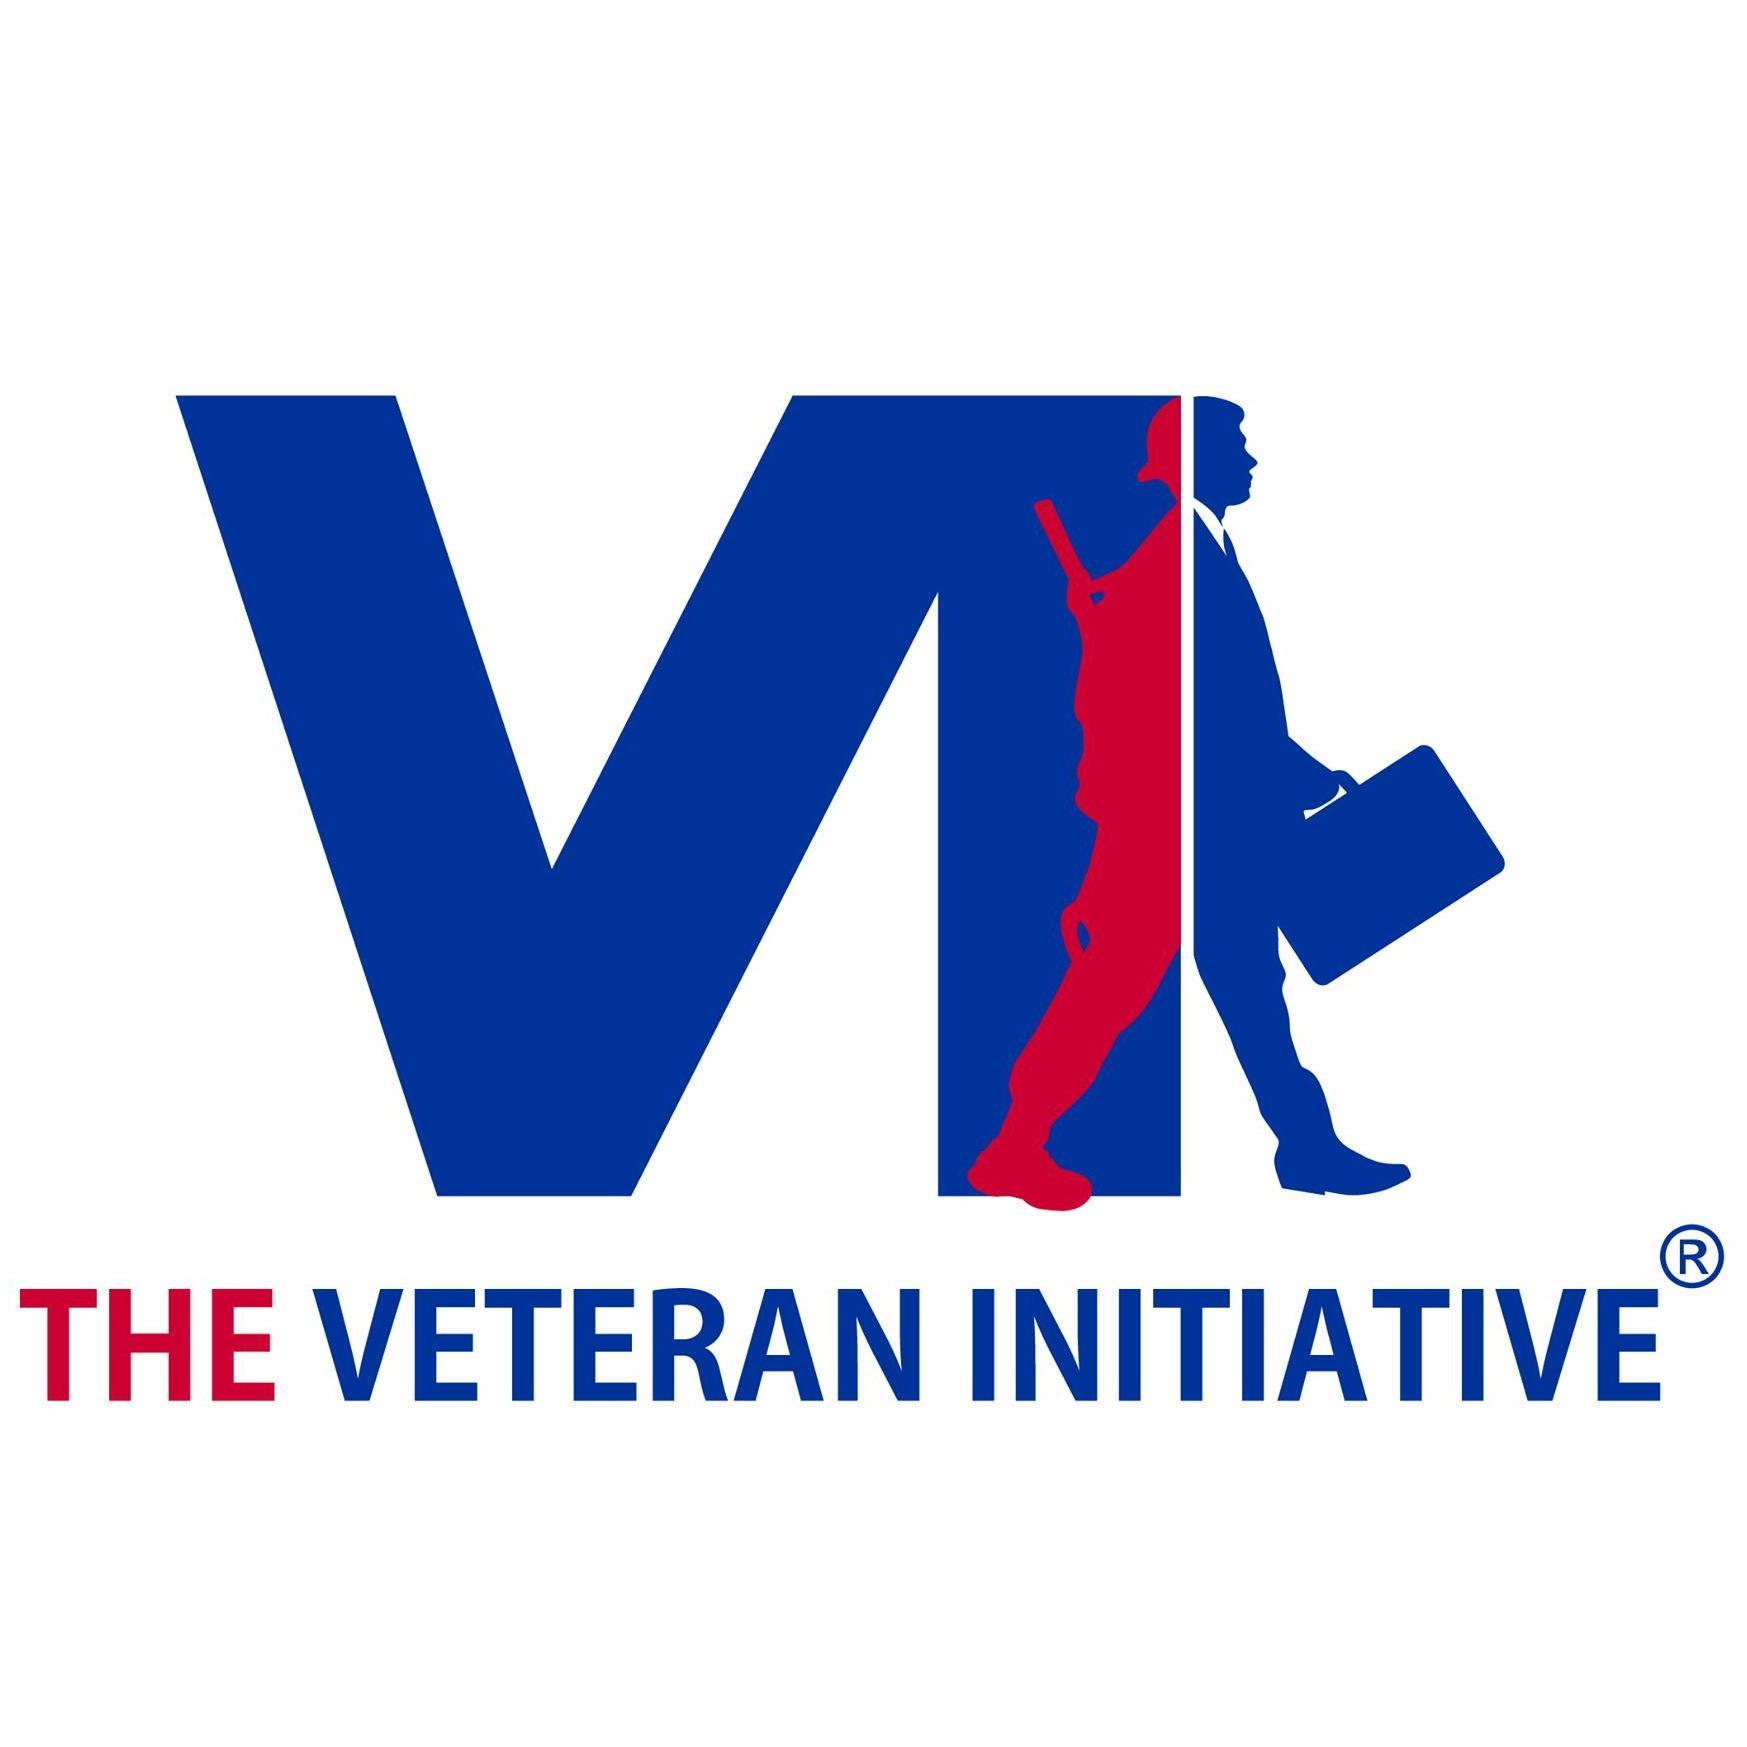 The Veteran Initiative